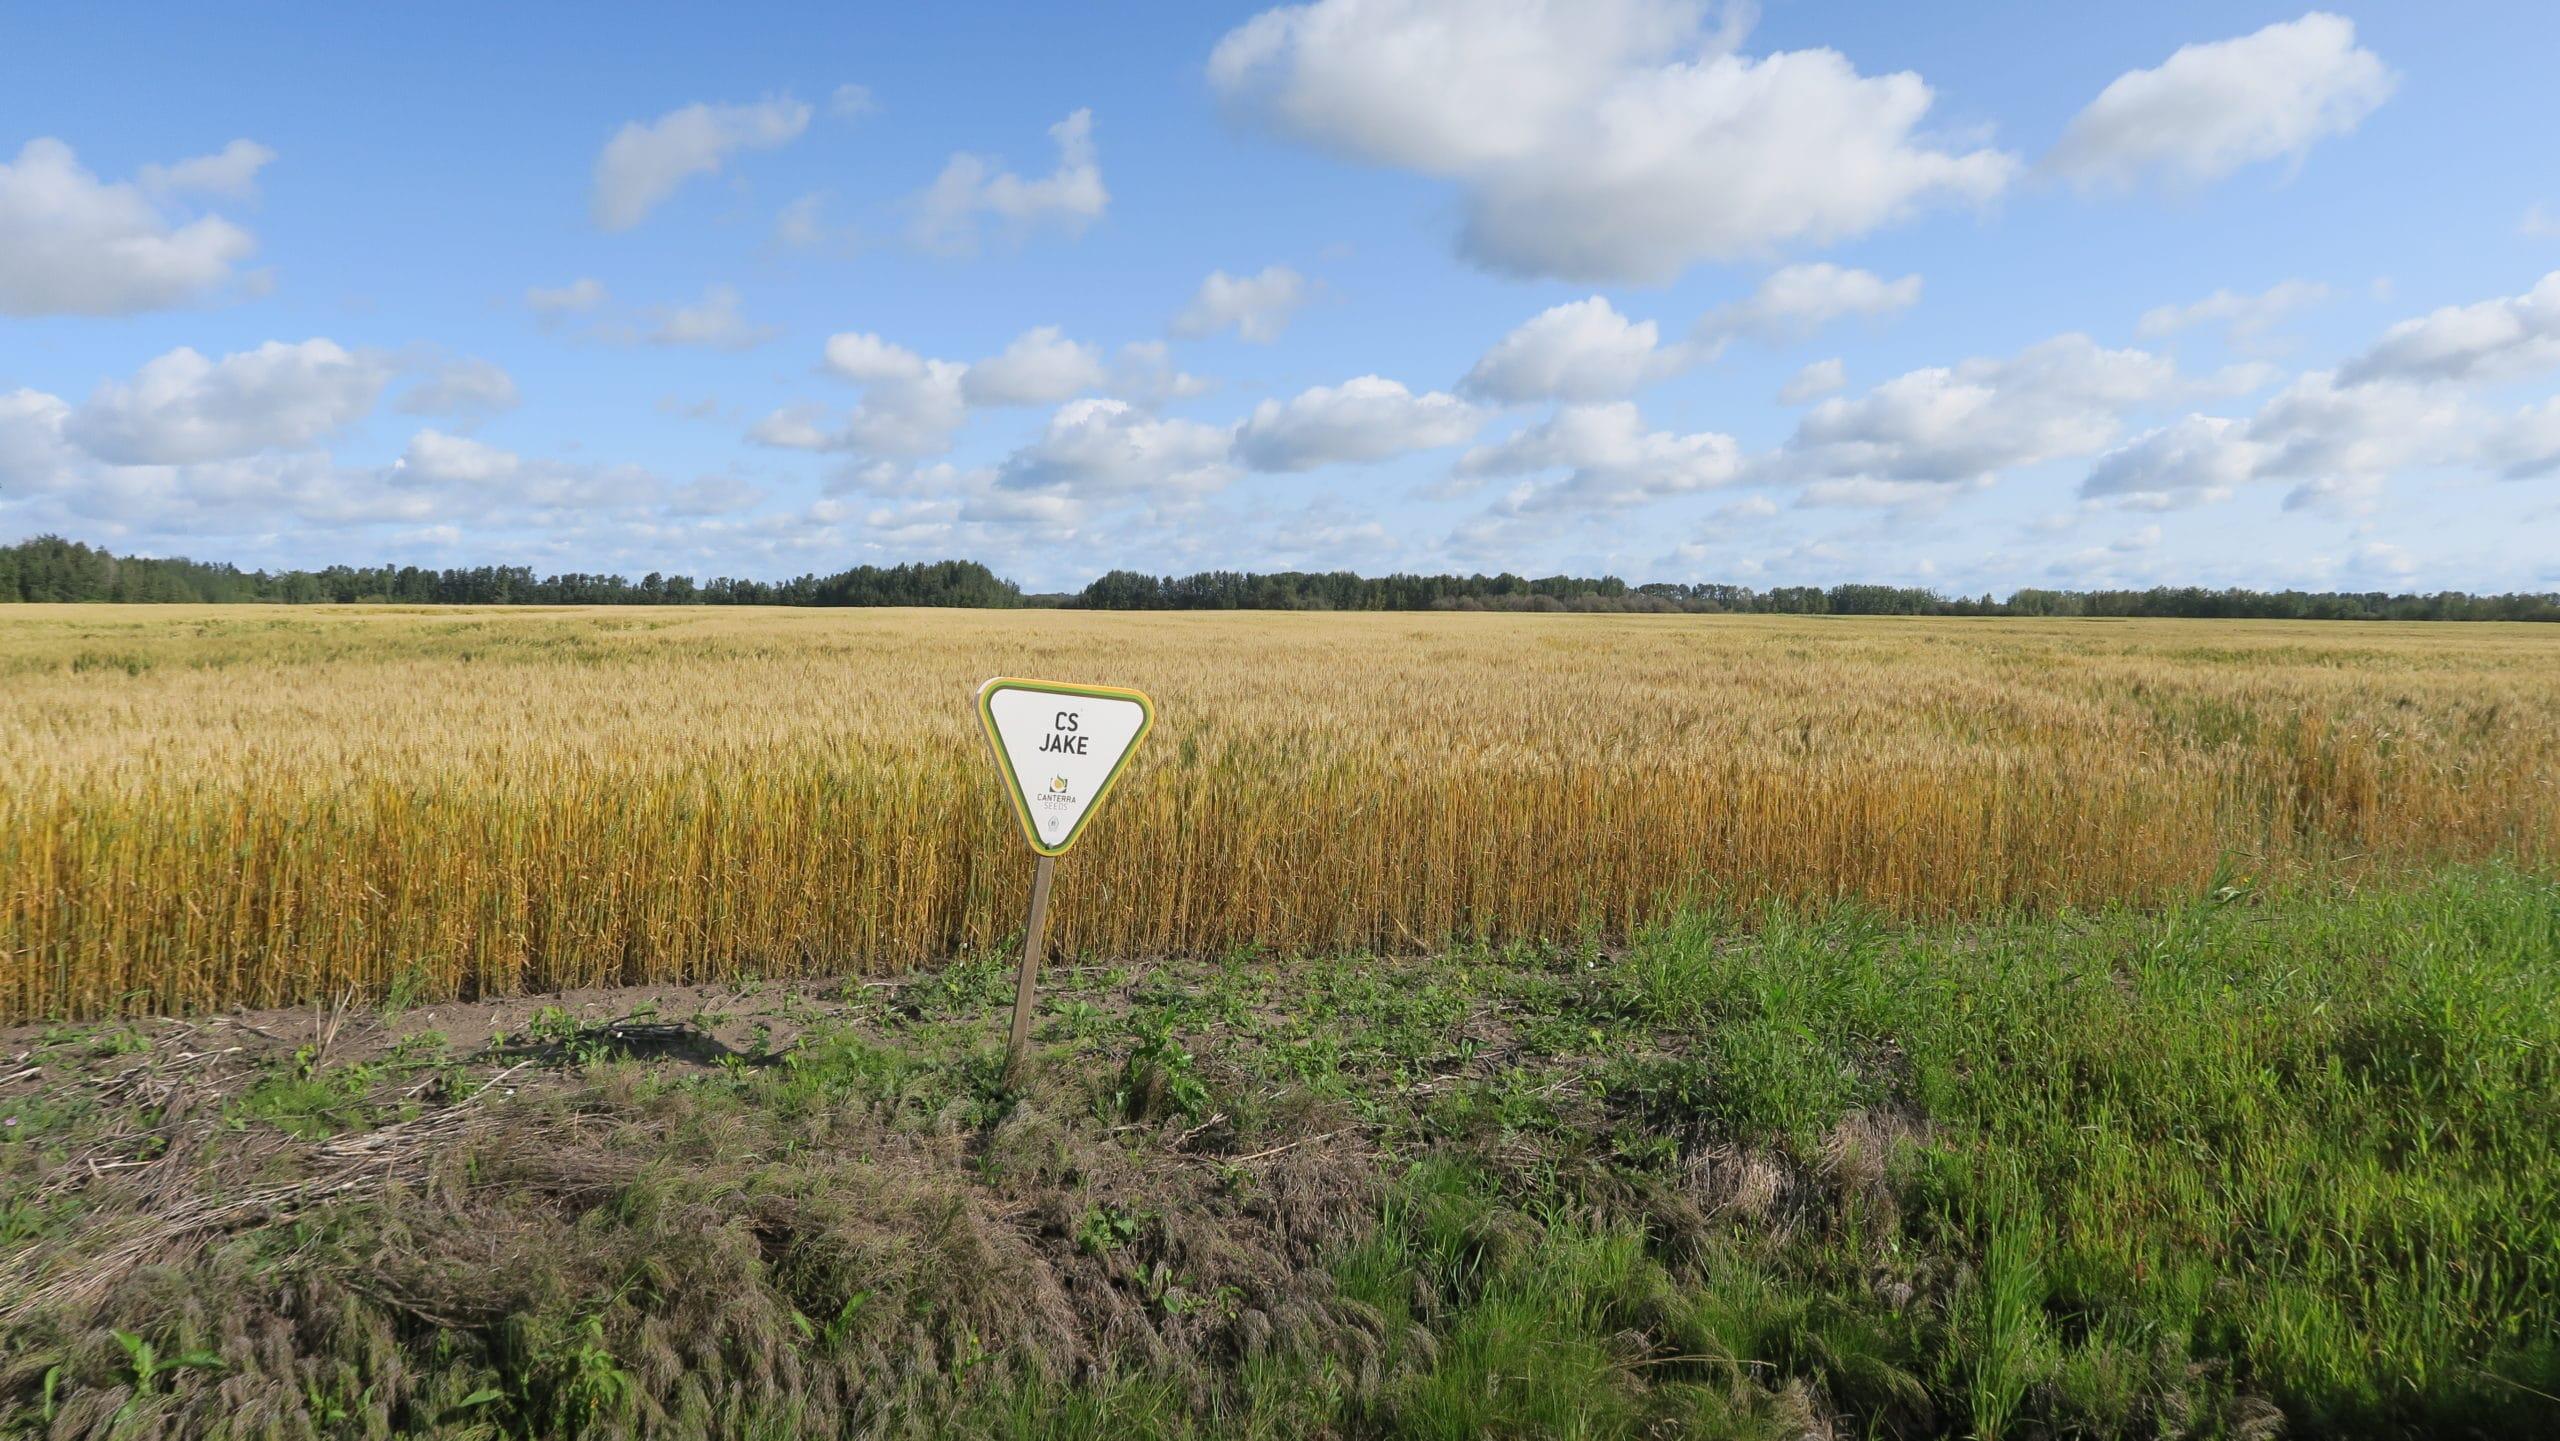 CS Jake wheat field